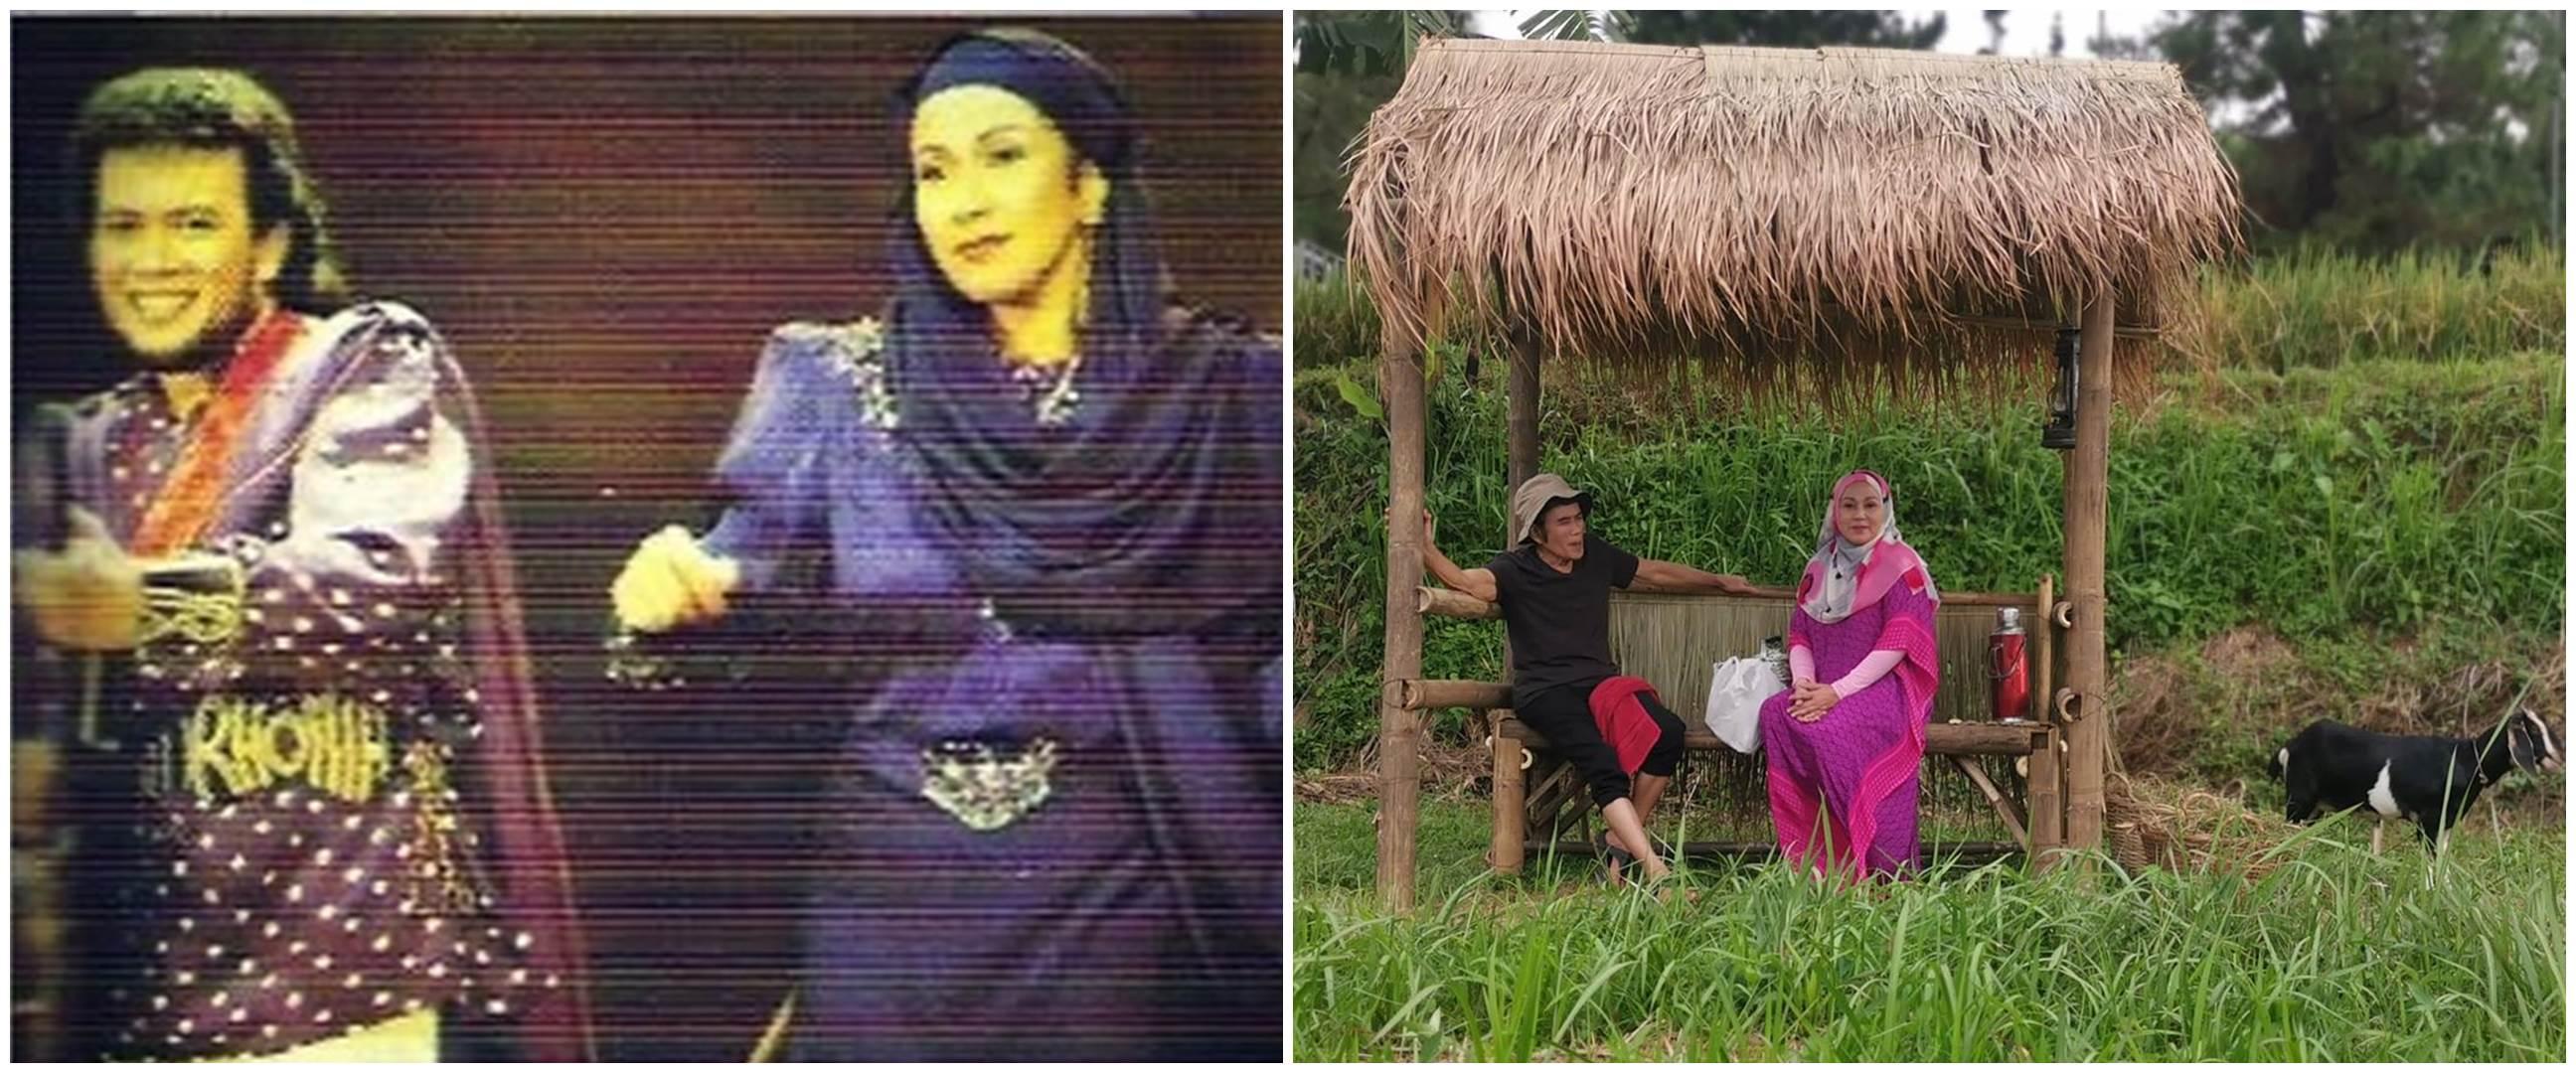 7 Foto Camelia Malik-Rhoma Irama syuting bareng usai 33 tahun